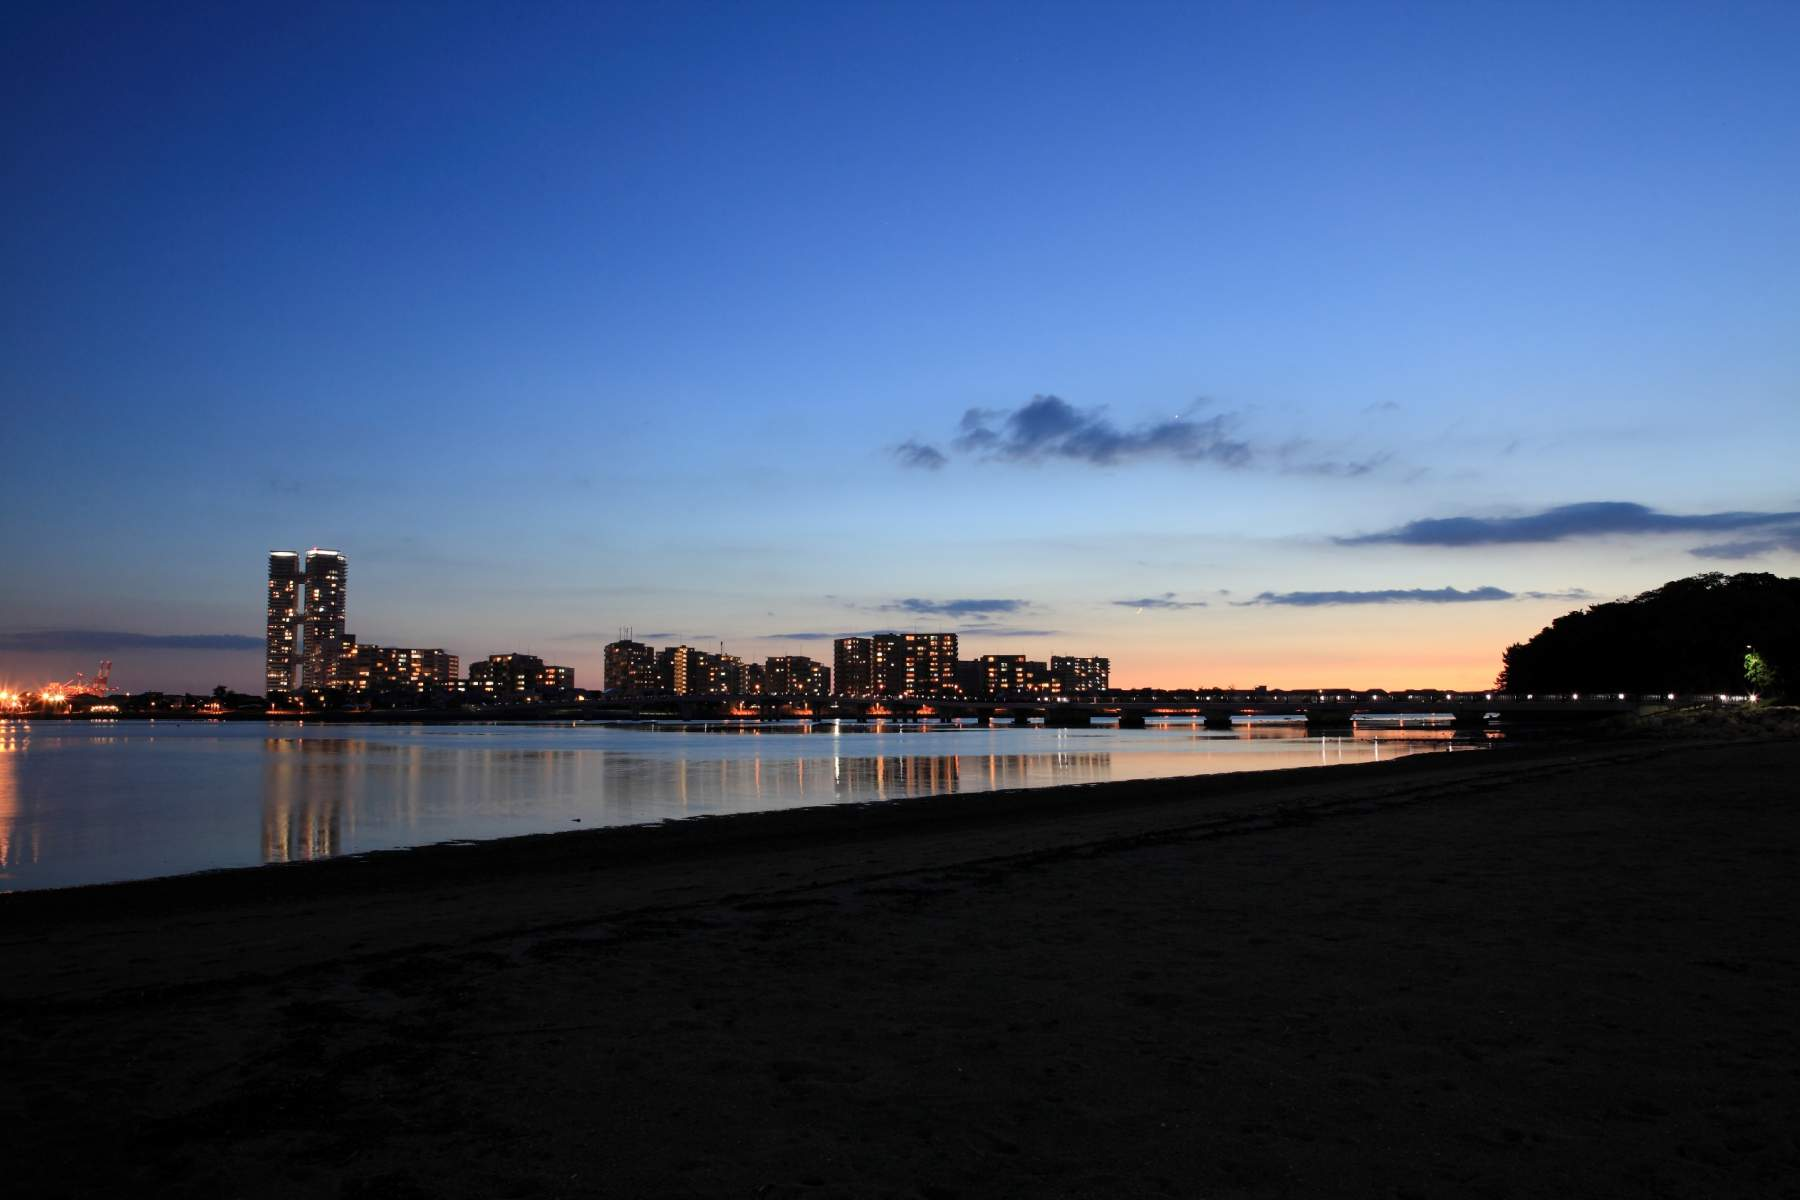 アイランドシティ夜景(2013)の画像